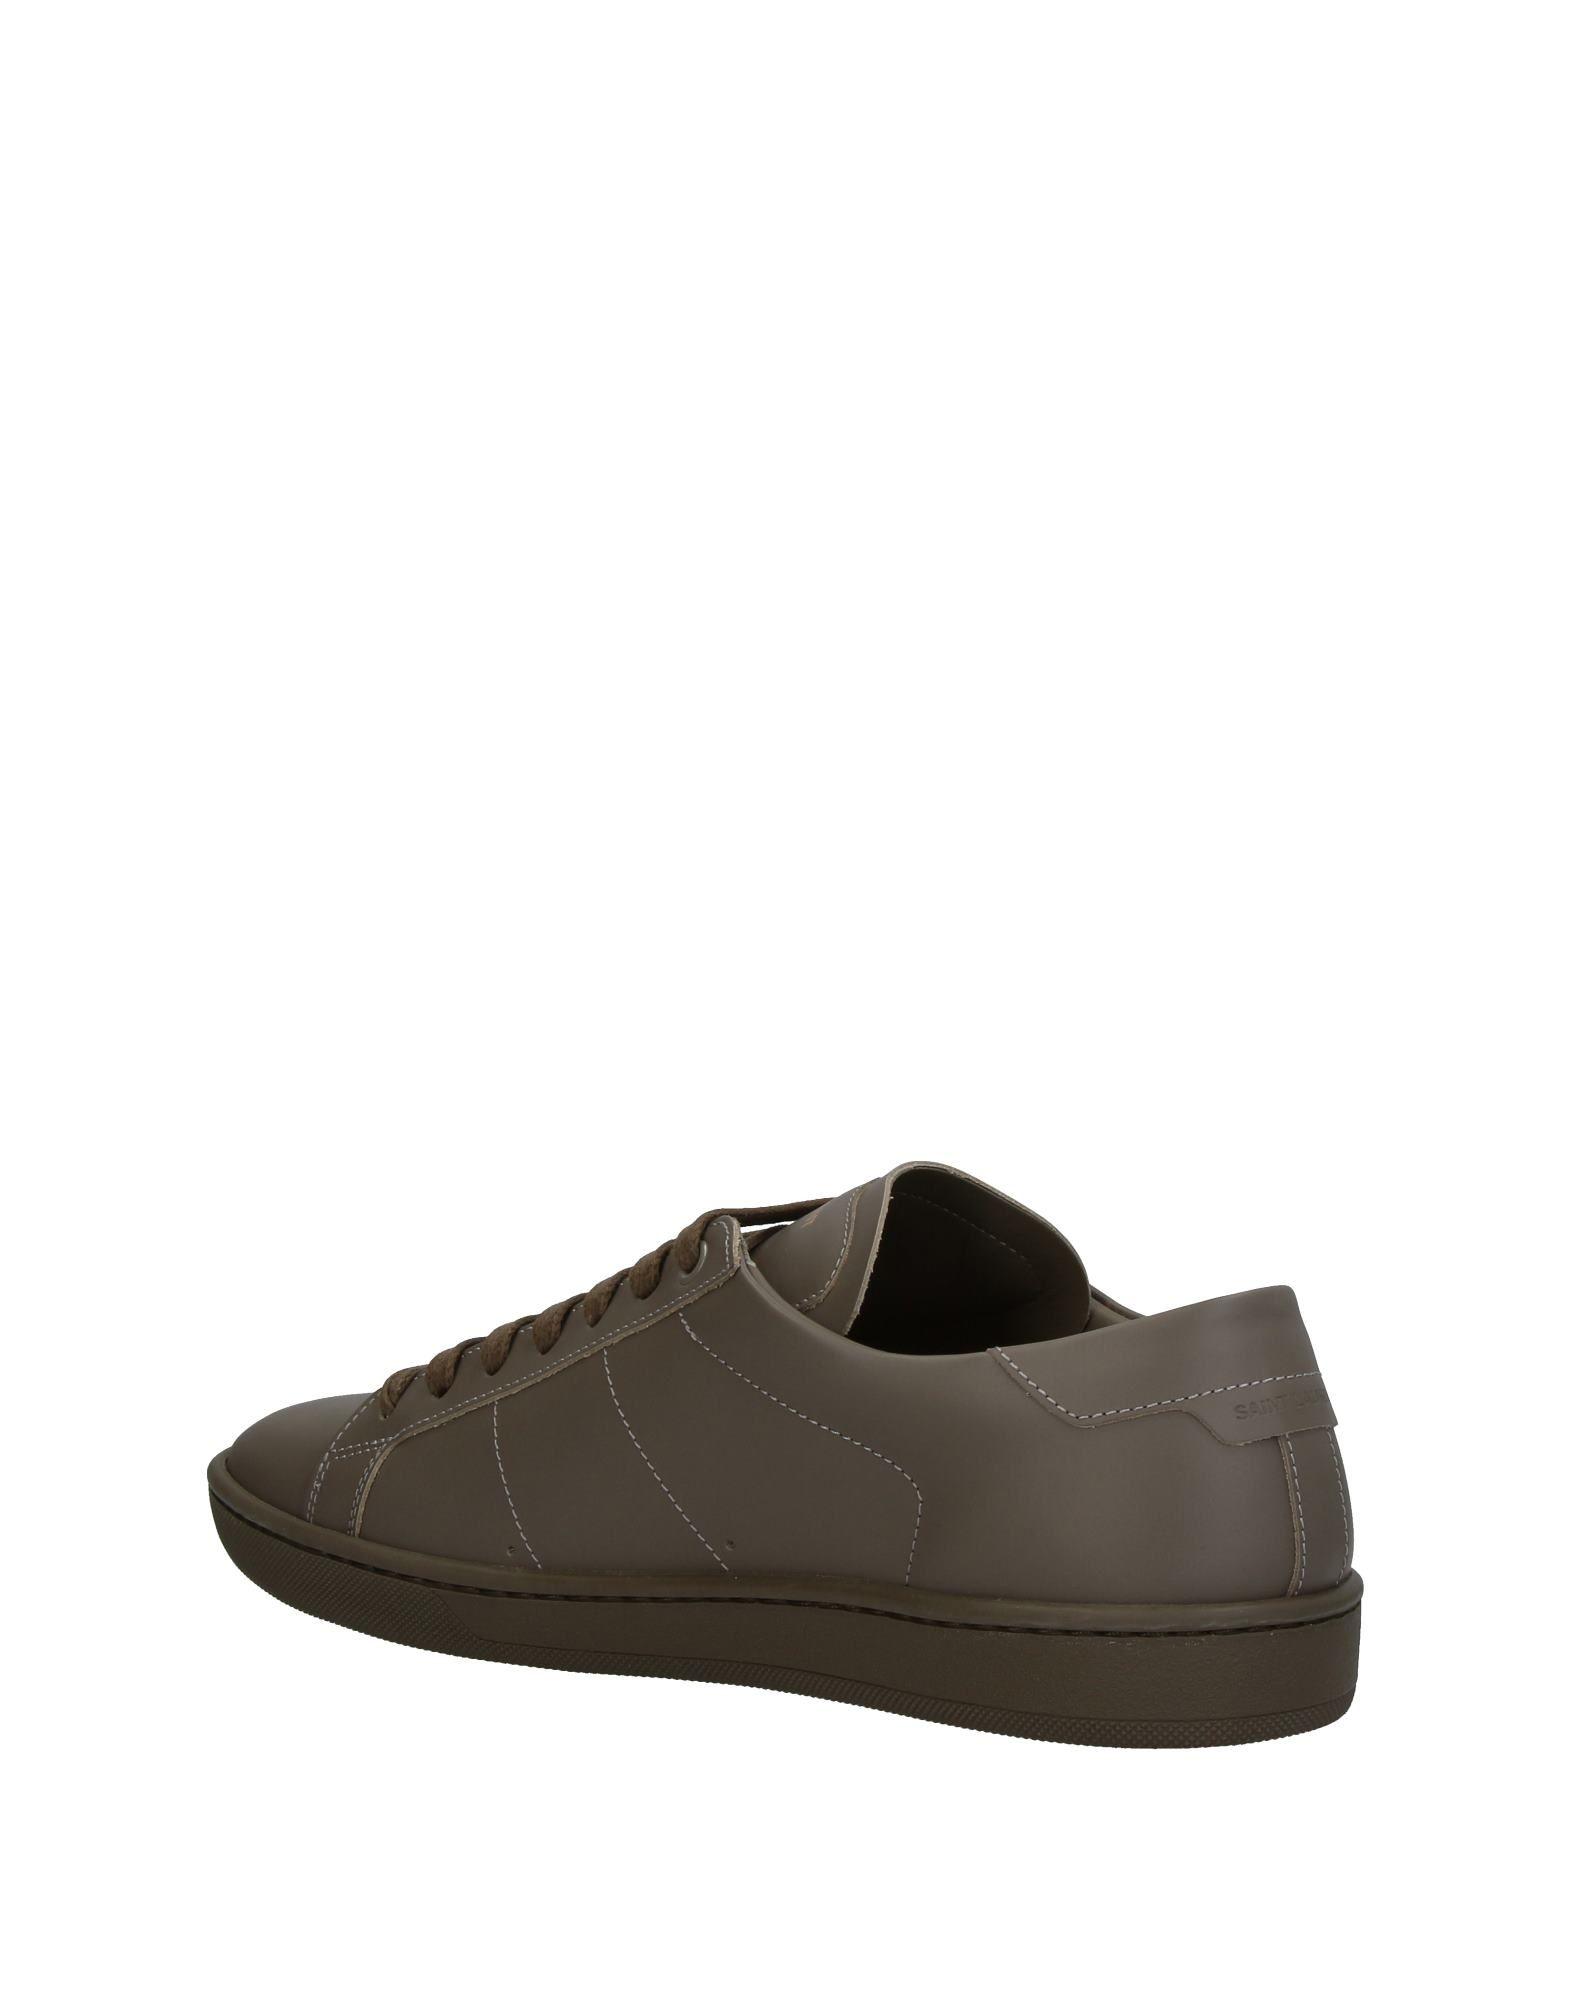 Saint Laurent Laurent Saint Sneakers Herren  11413565LD cf9ed9